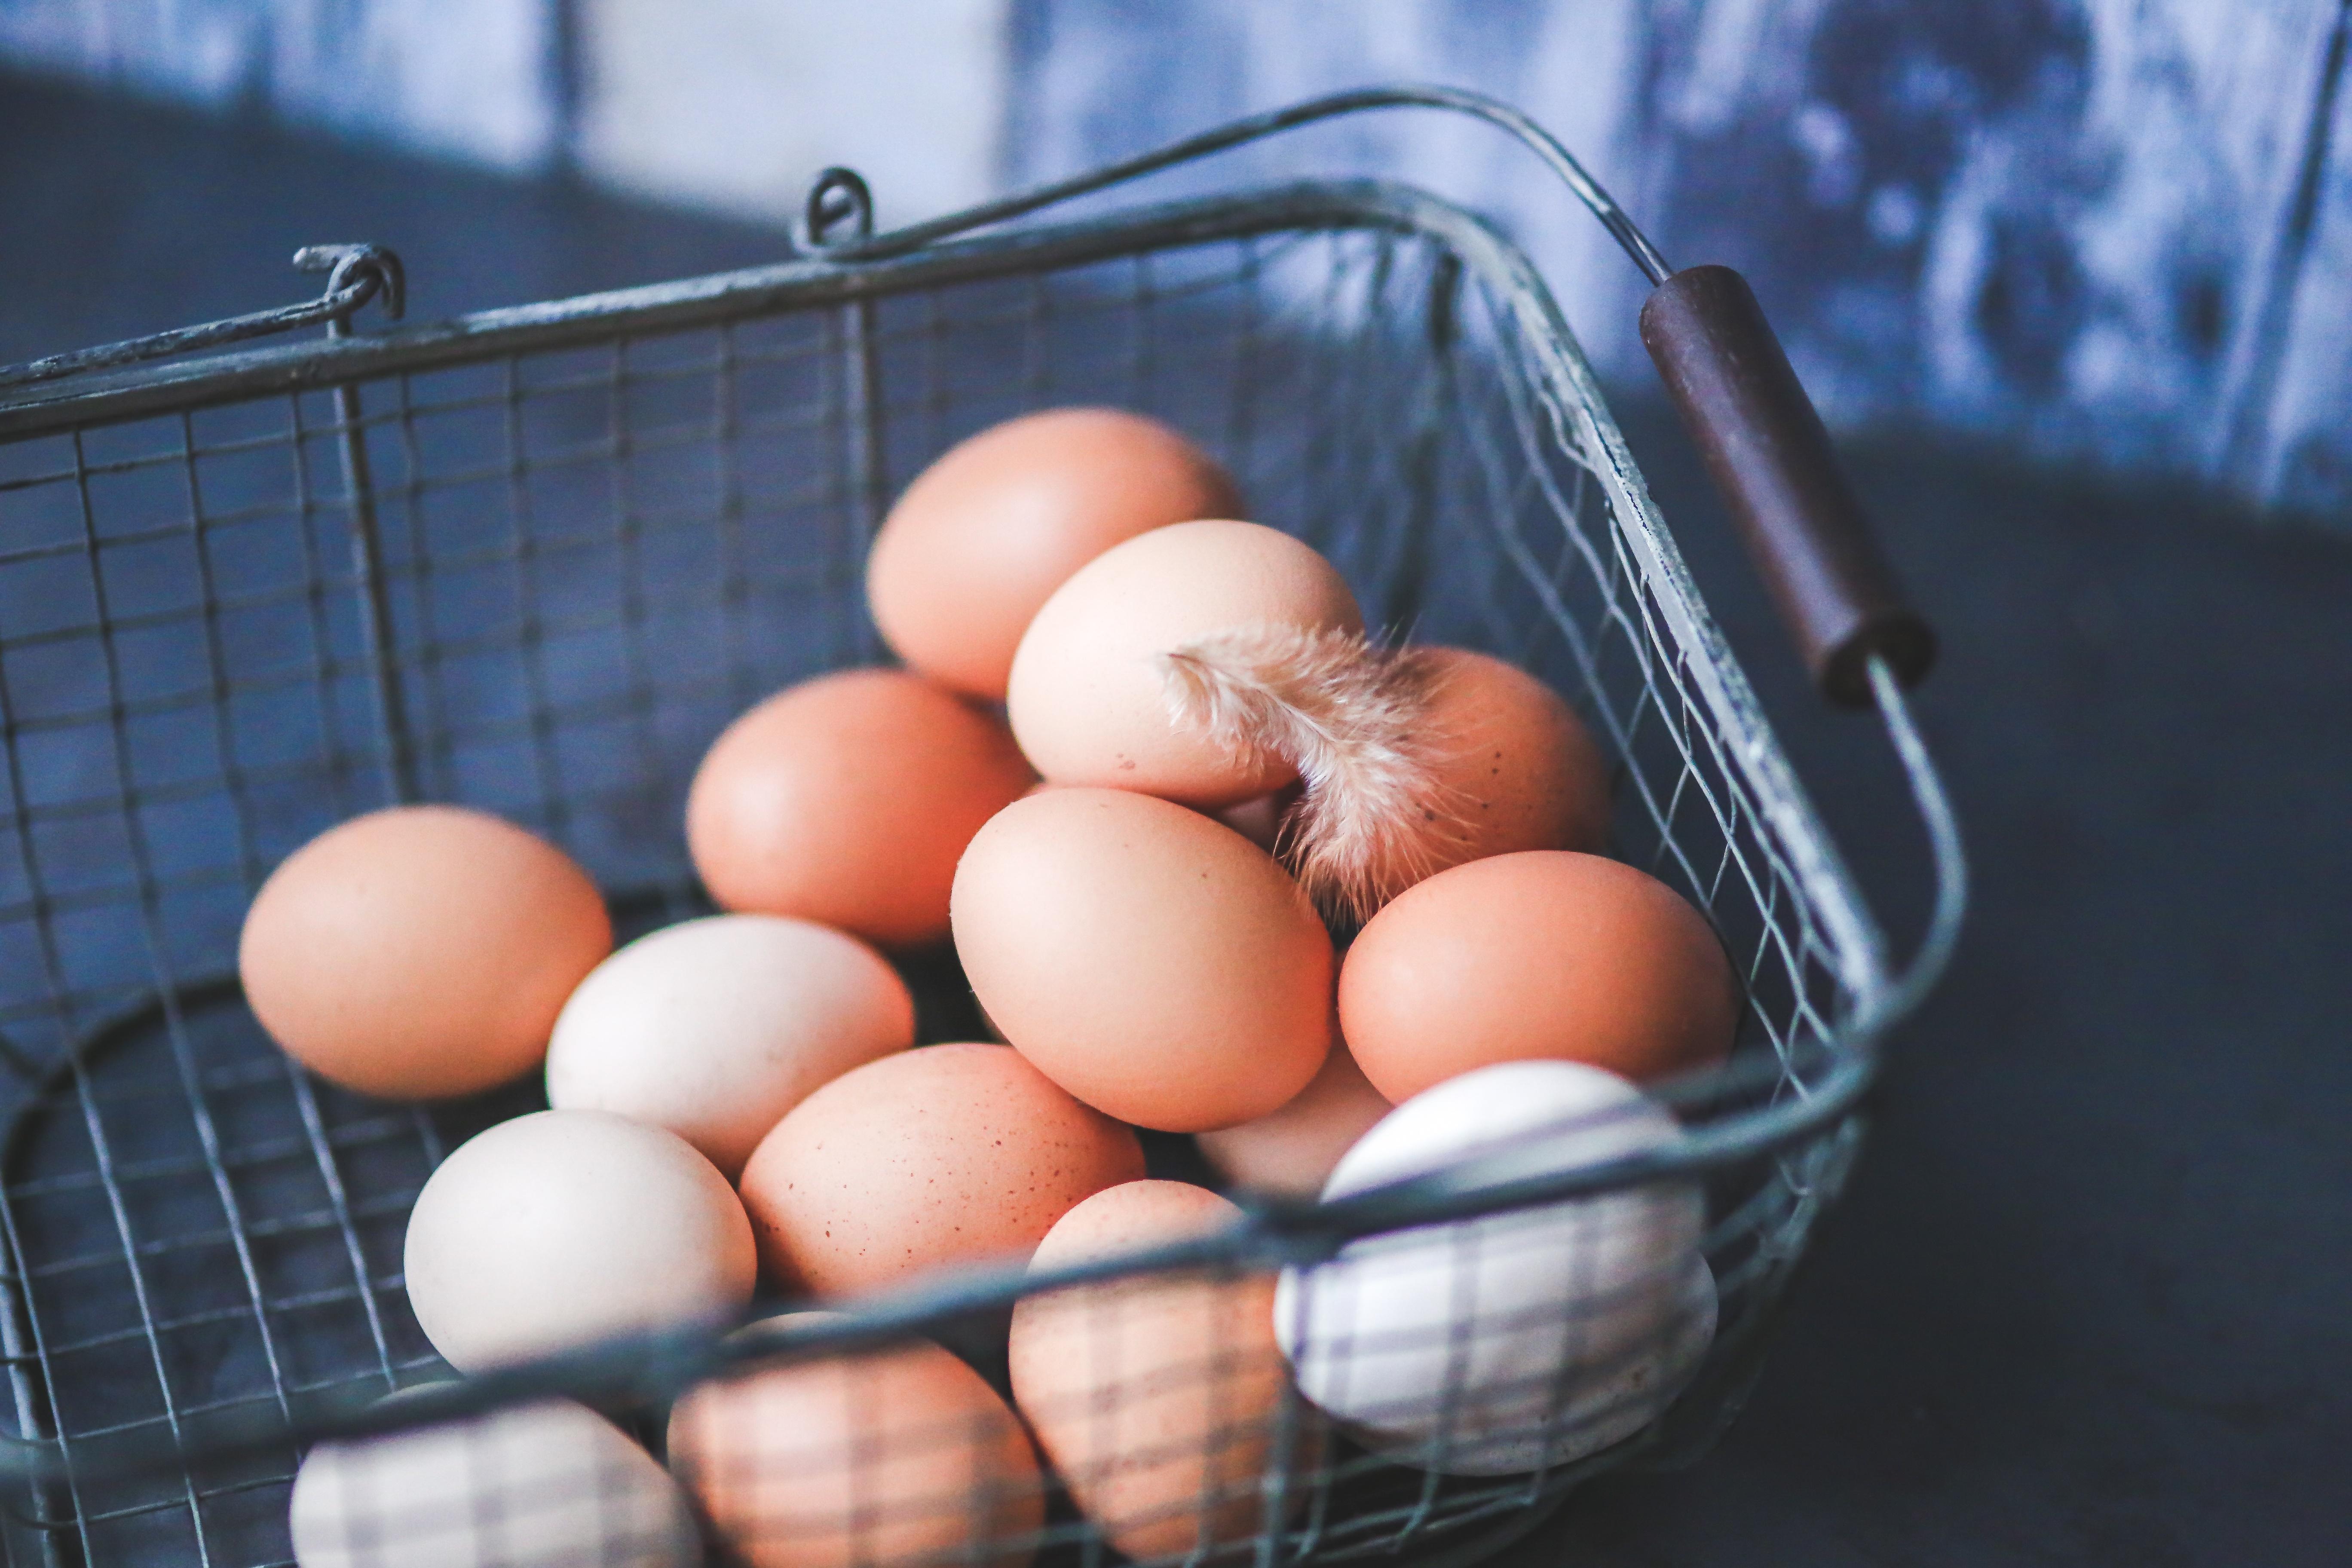 Eggs | IFIS Publishing